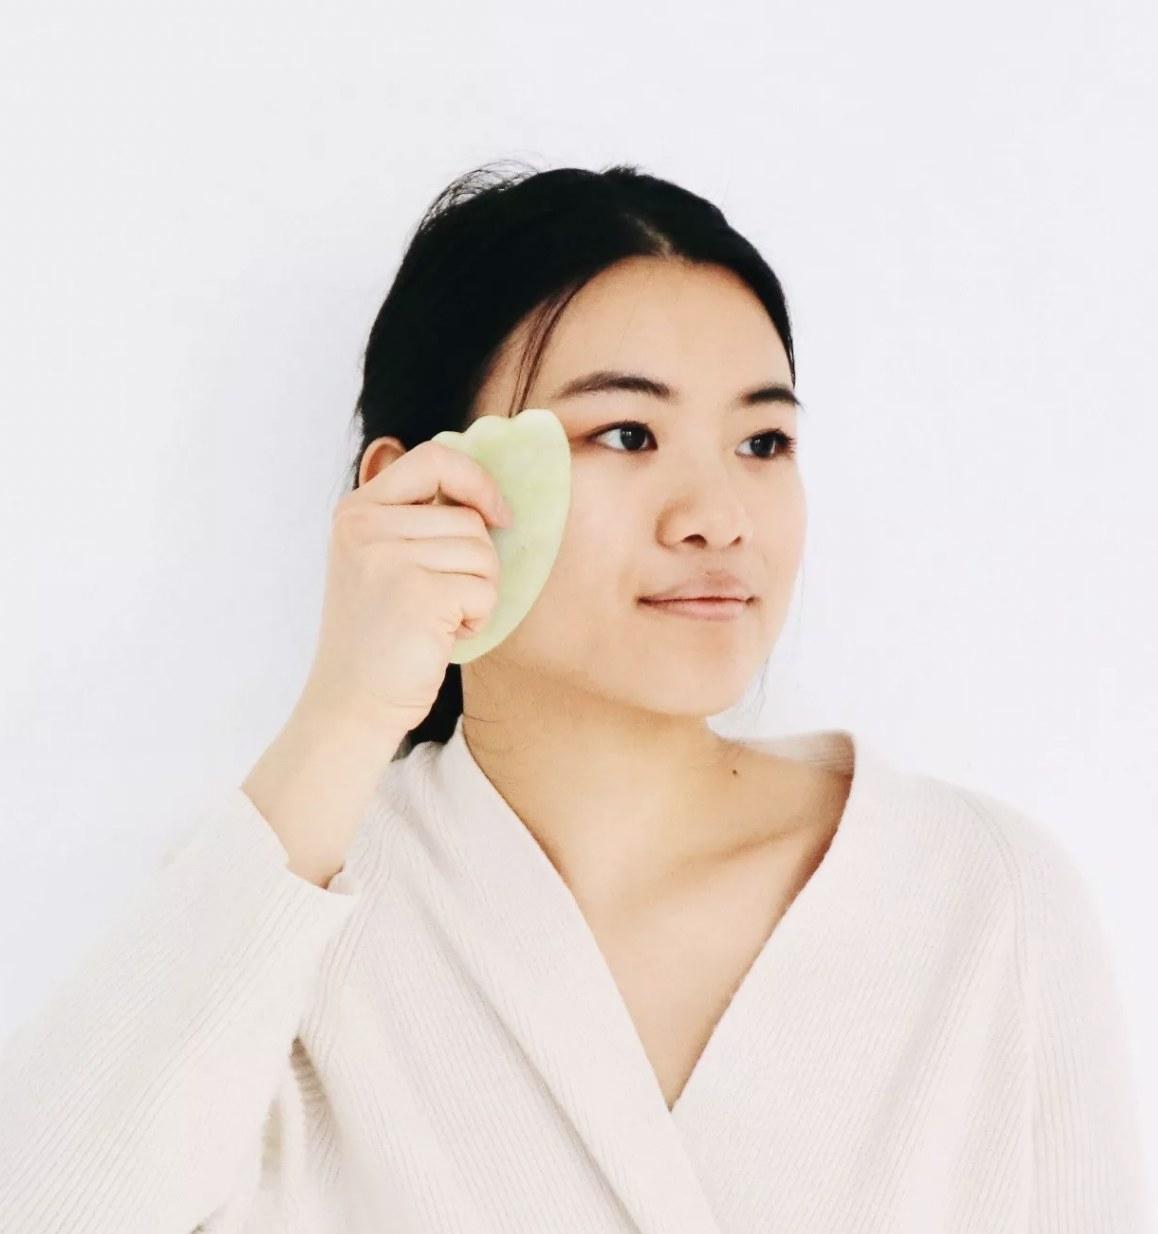 a person using a jade gua sha tool on their cheek